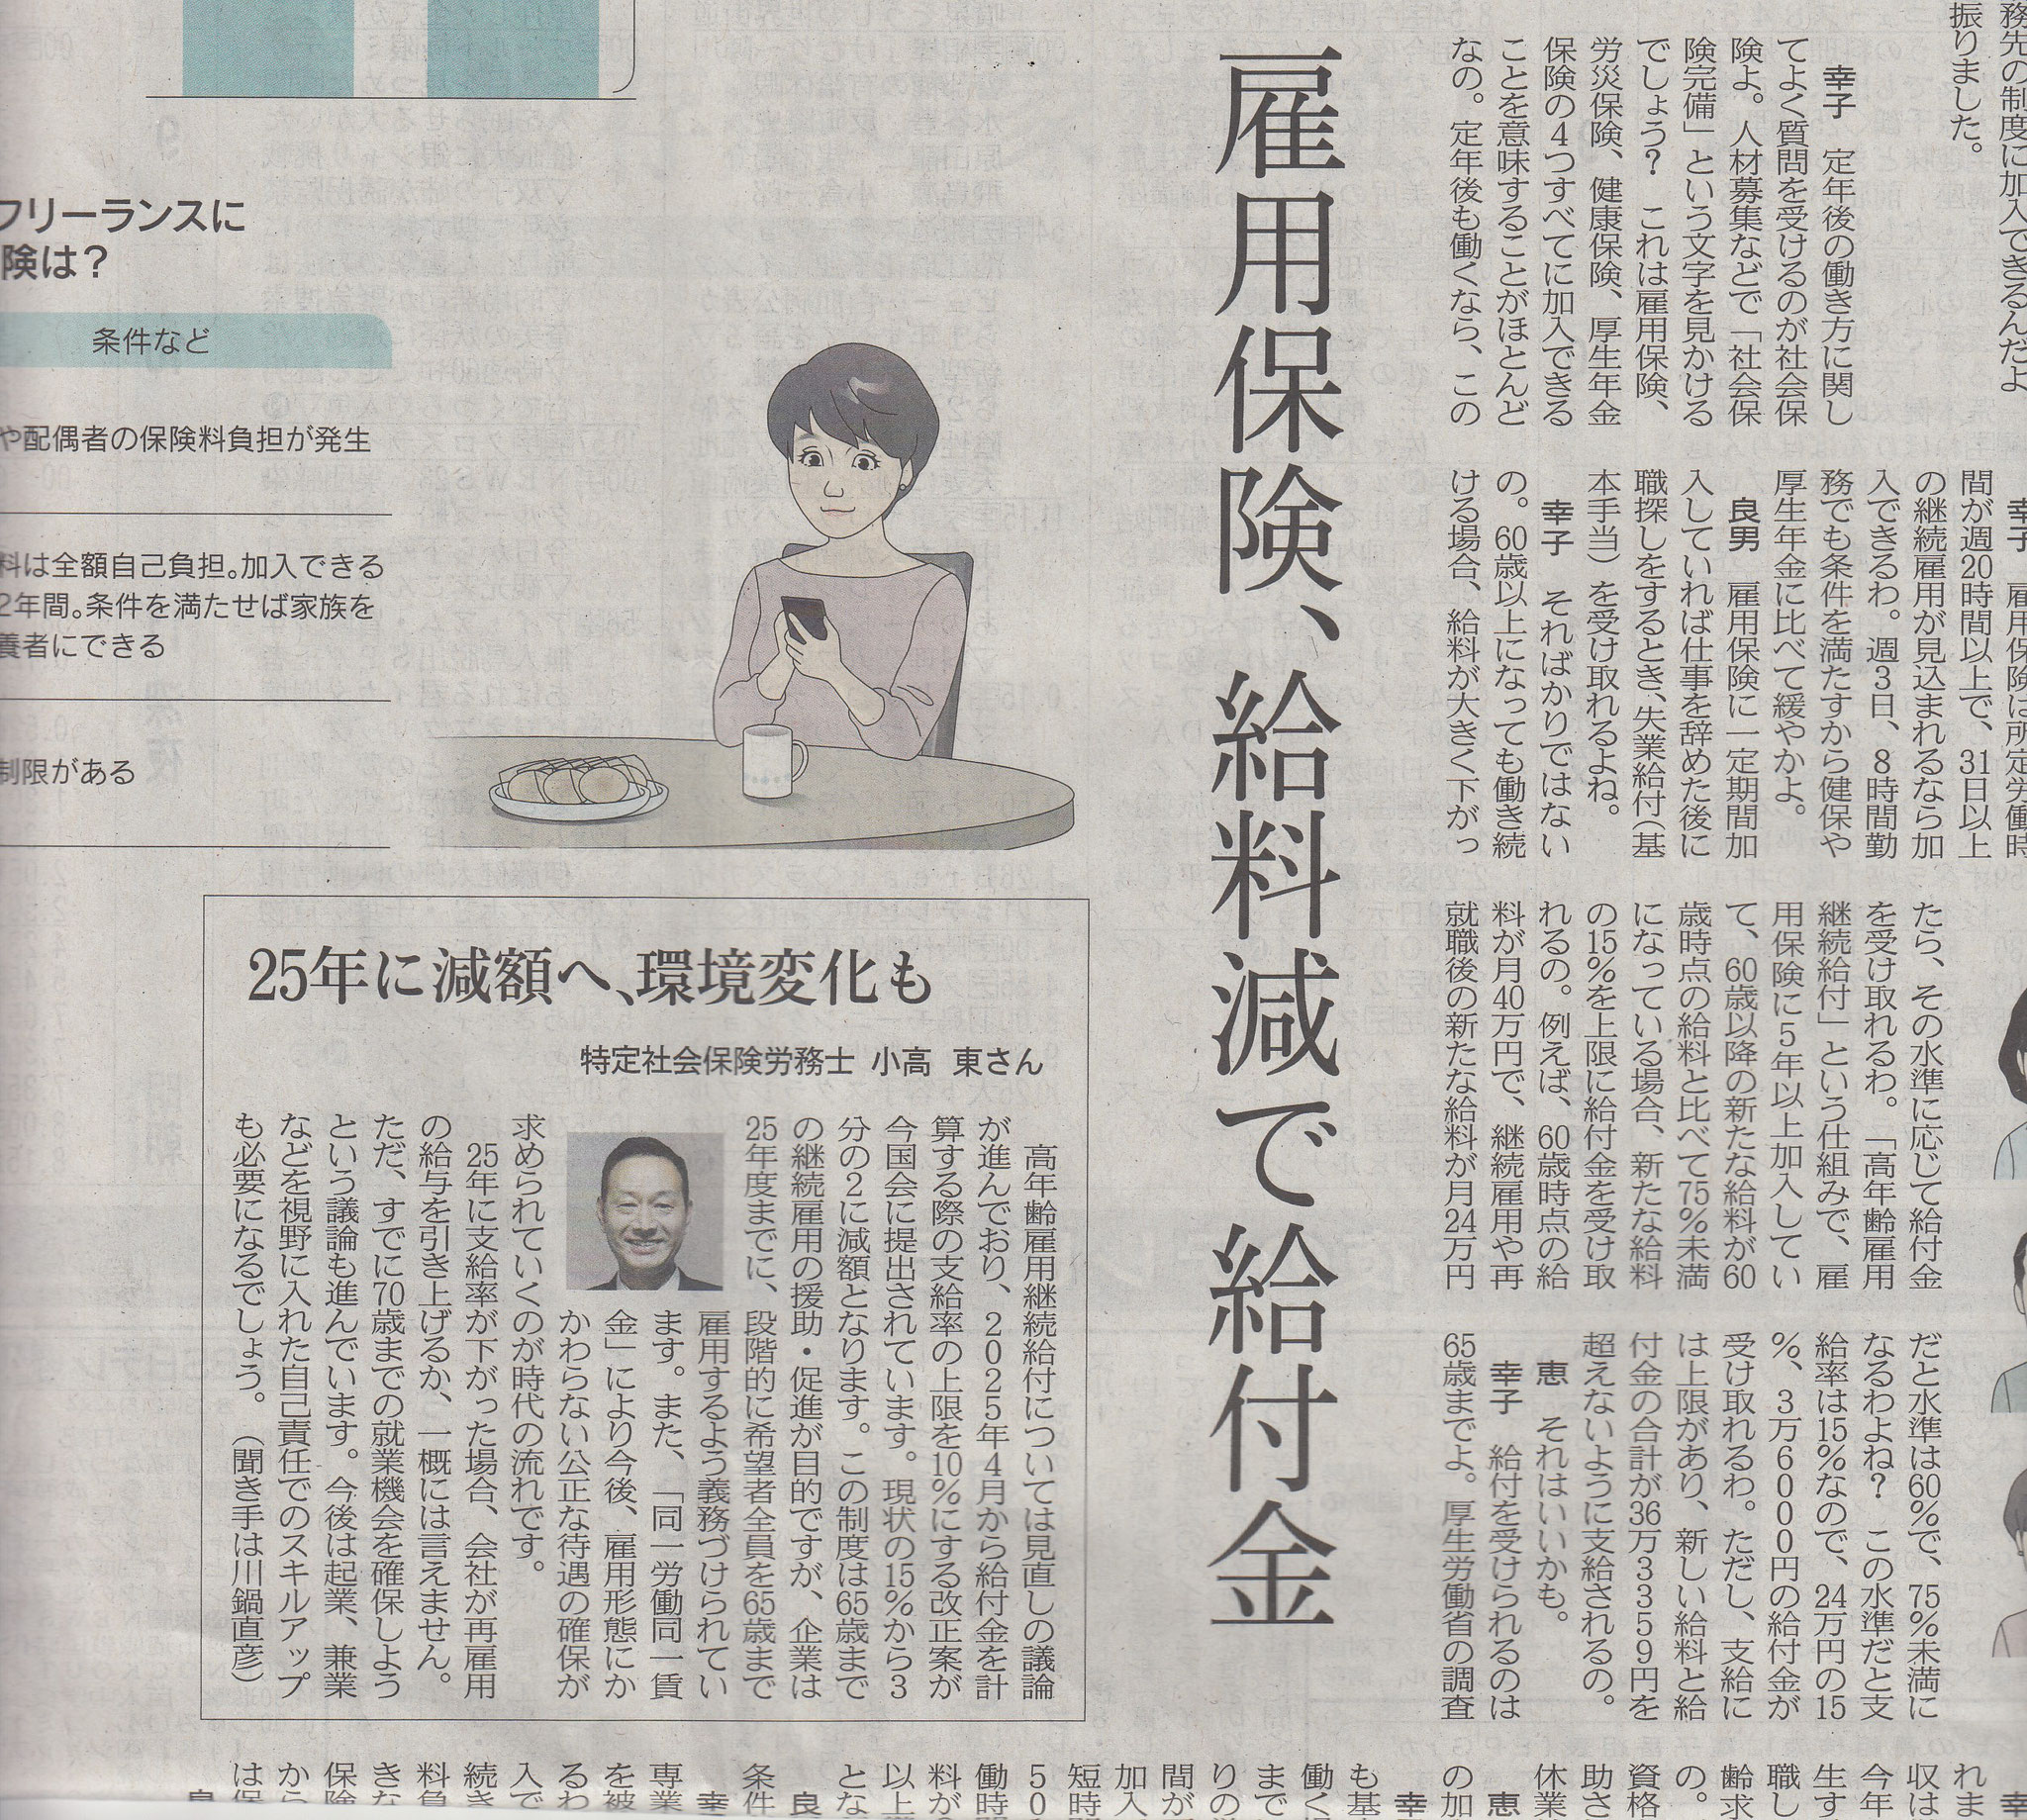 日本経済新聞夕刊 代表 小高東 コメント